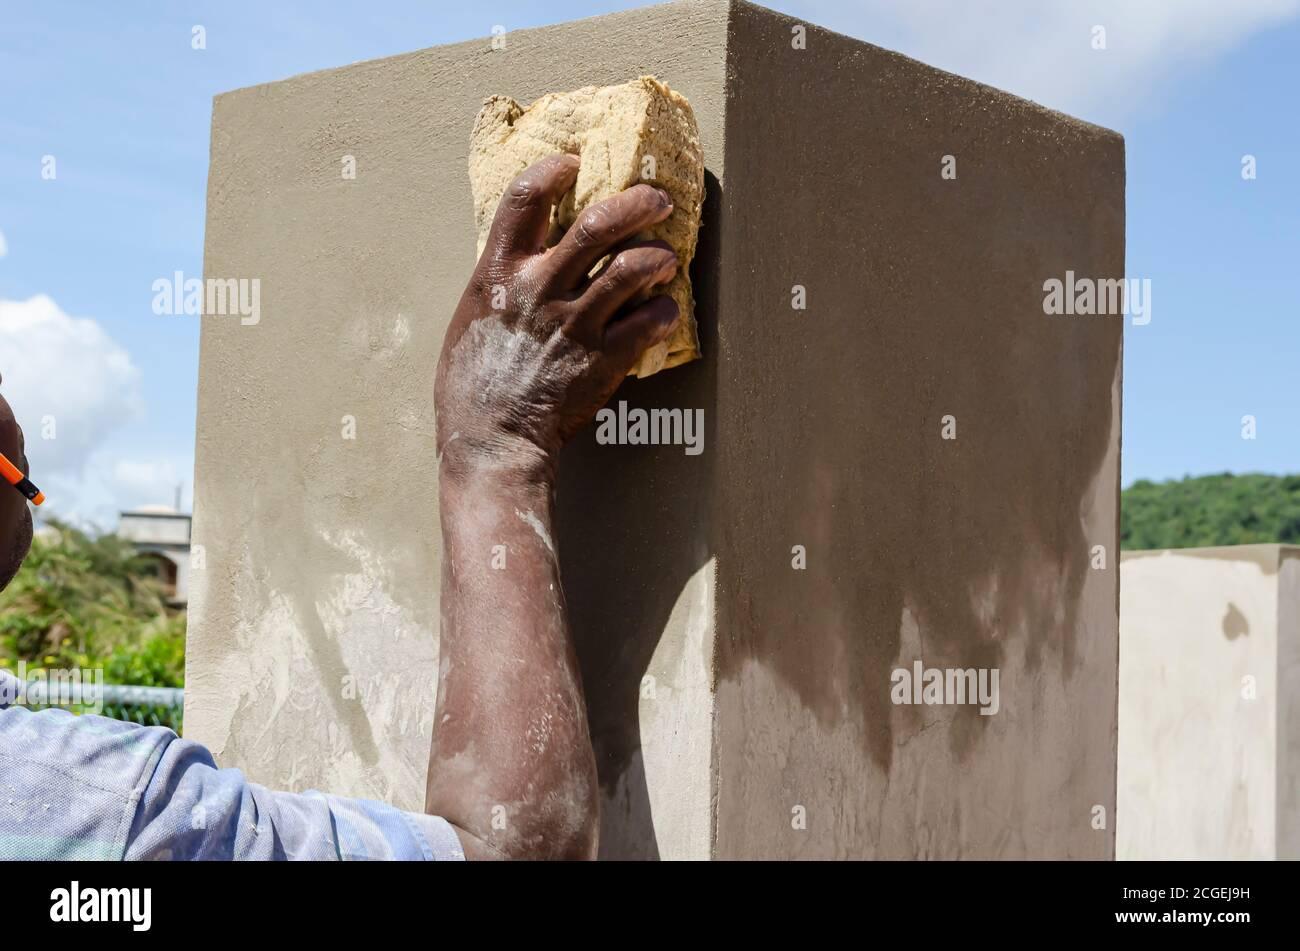 Arbeiter Glättung Betonwand Stockfoto